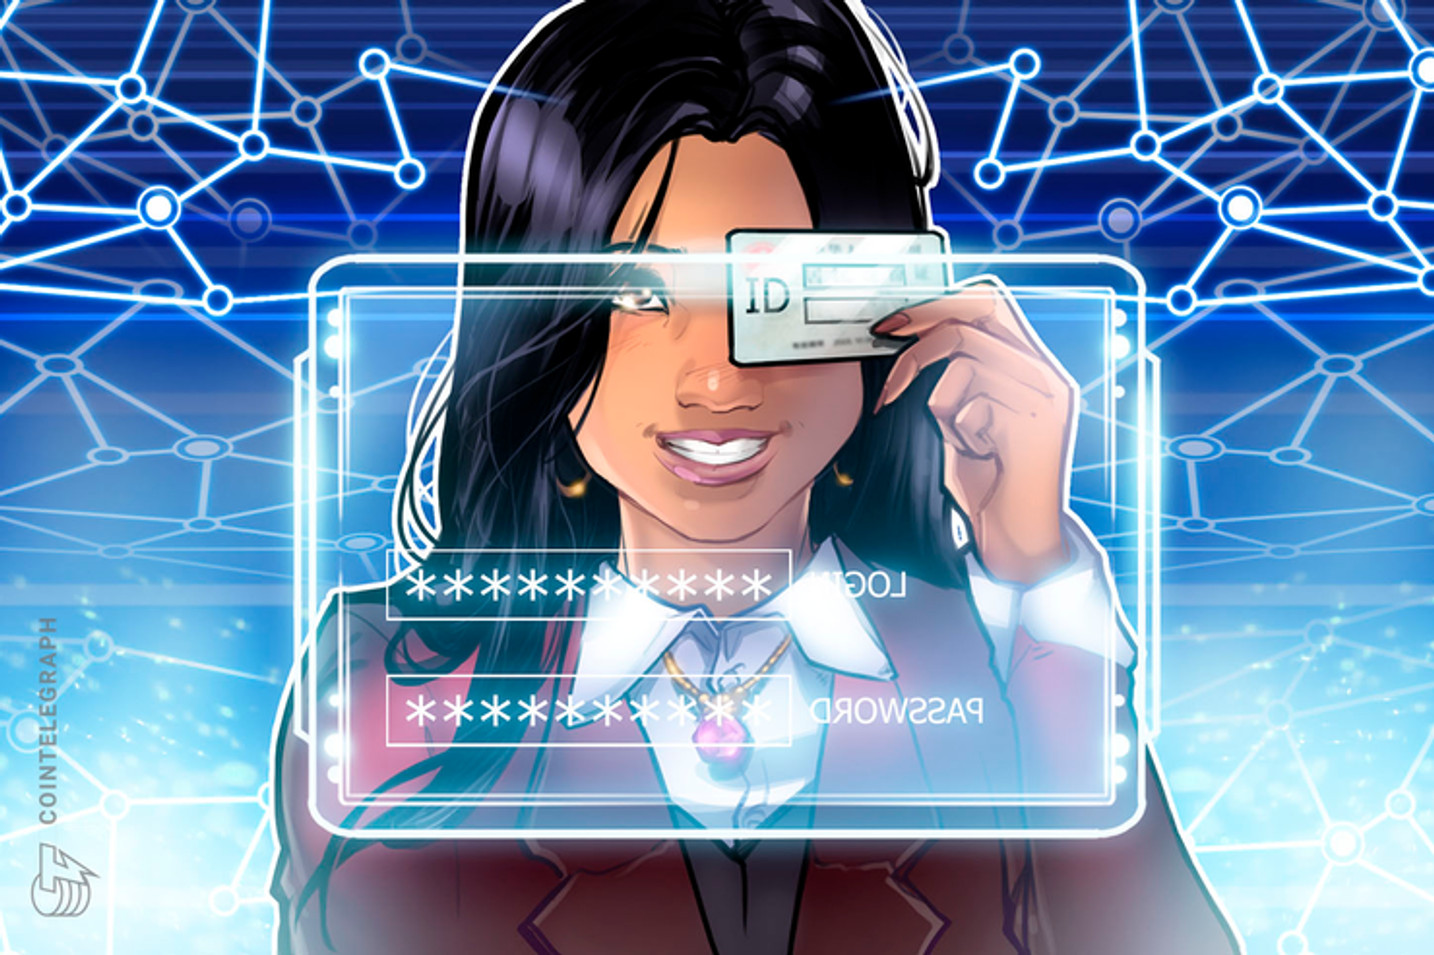 블록체인 기반 신원확인, 내년 1분기 금융권 서비스 시작